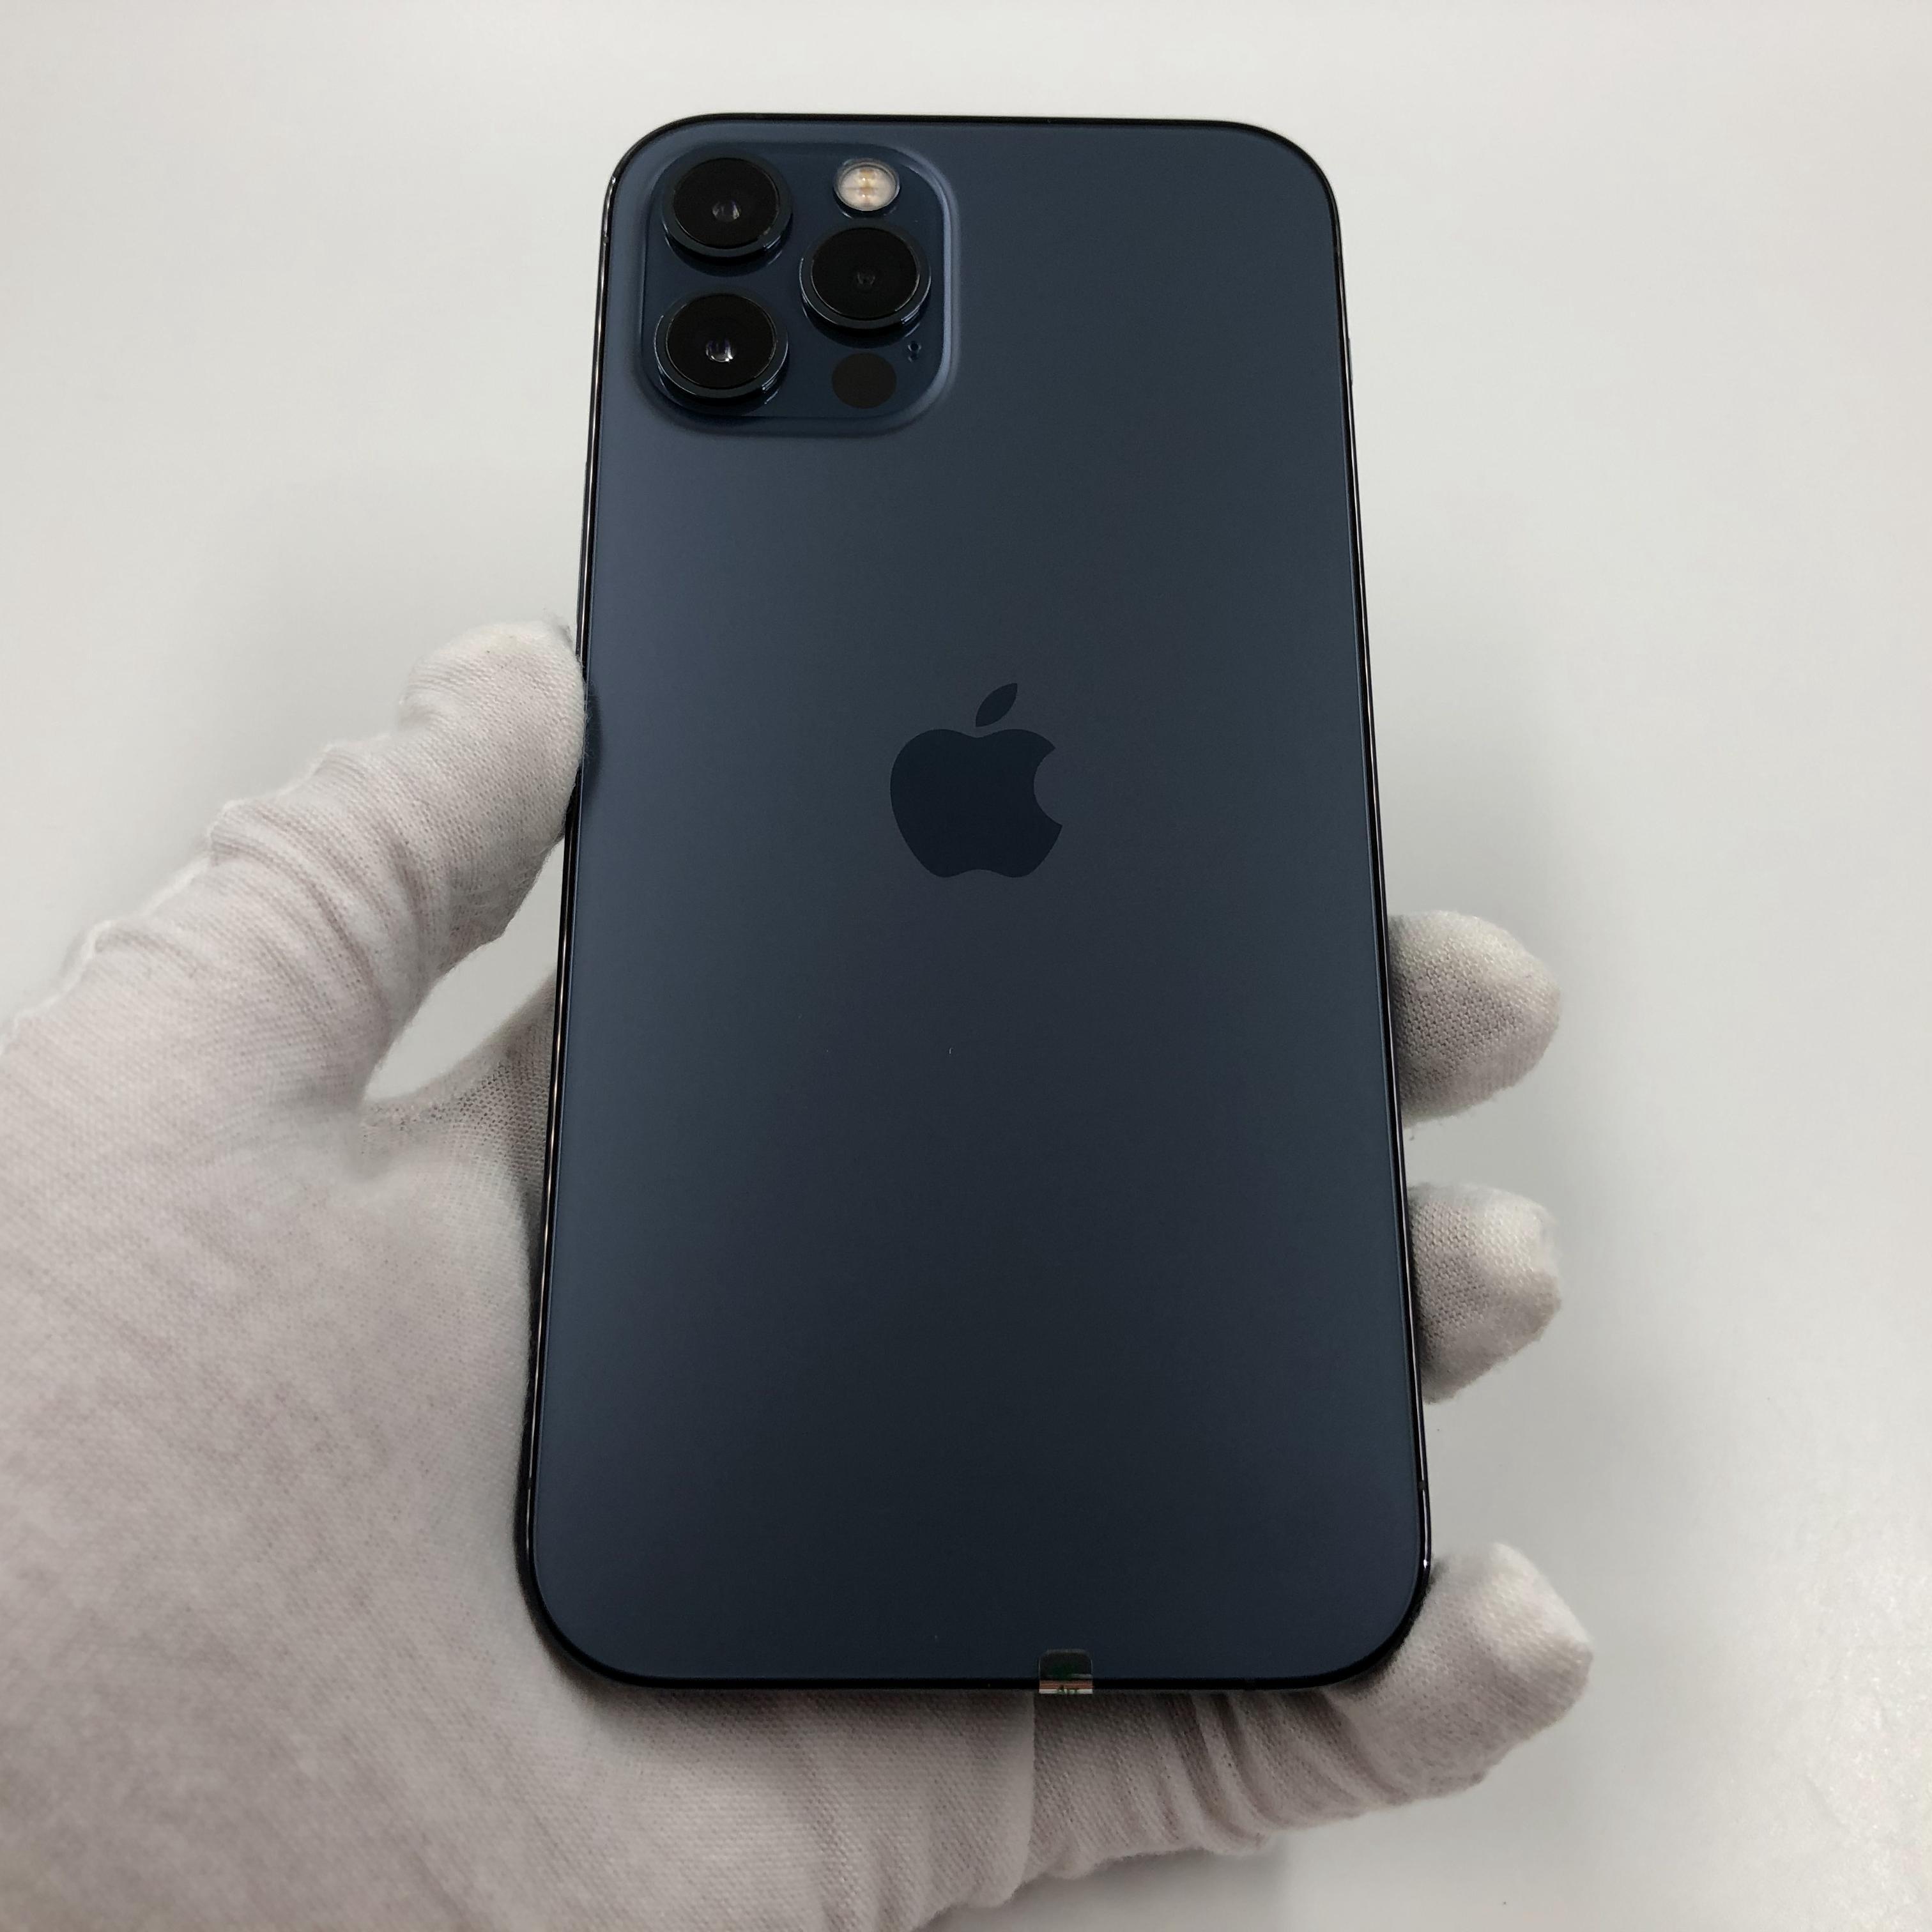 苹果【iPhone 12 Pro】5G全网通 海蓝色 128G 国行 95新 真机实拍官保2021-10-24